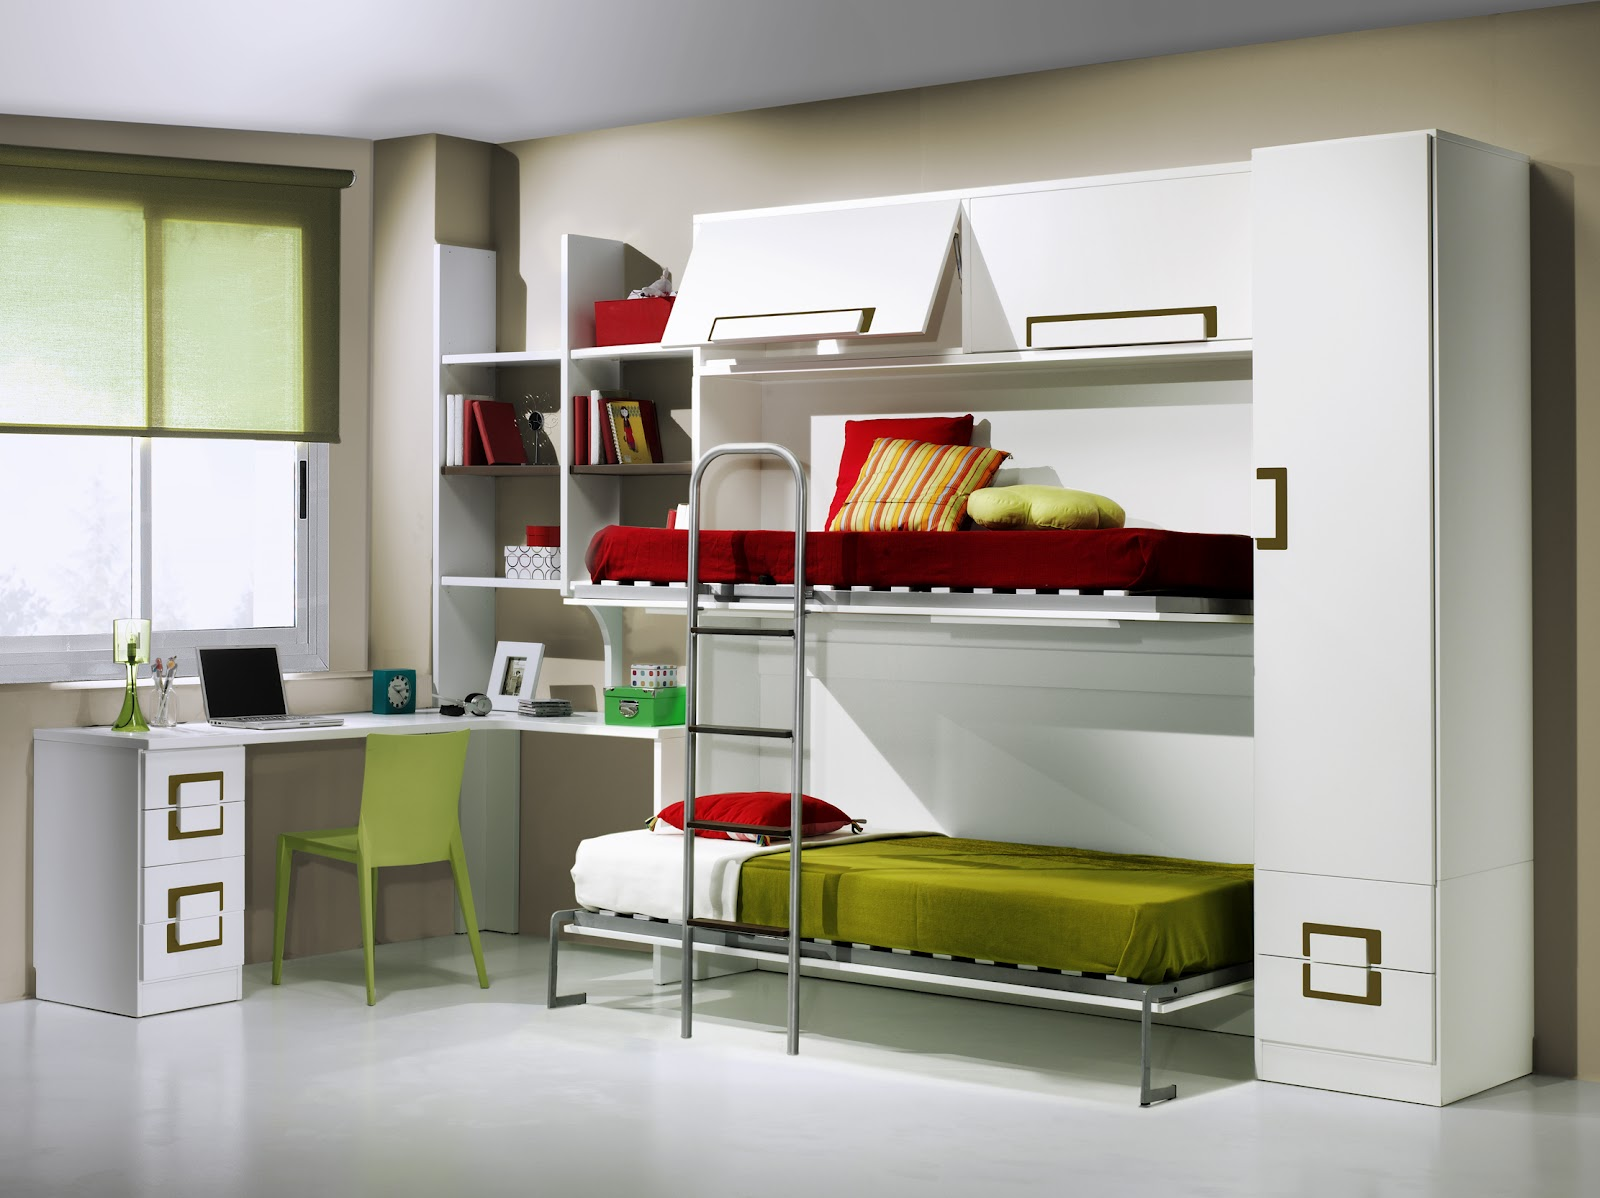 Modulo cama con carrilles ideal para espacios muy - Dormitorios juveniles pequenos ...